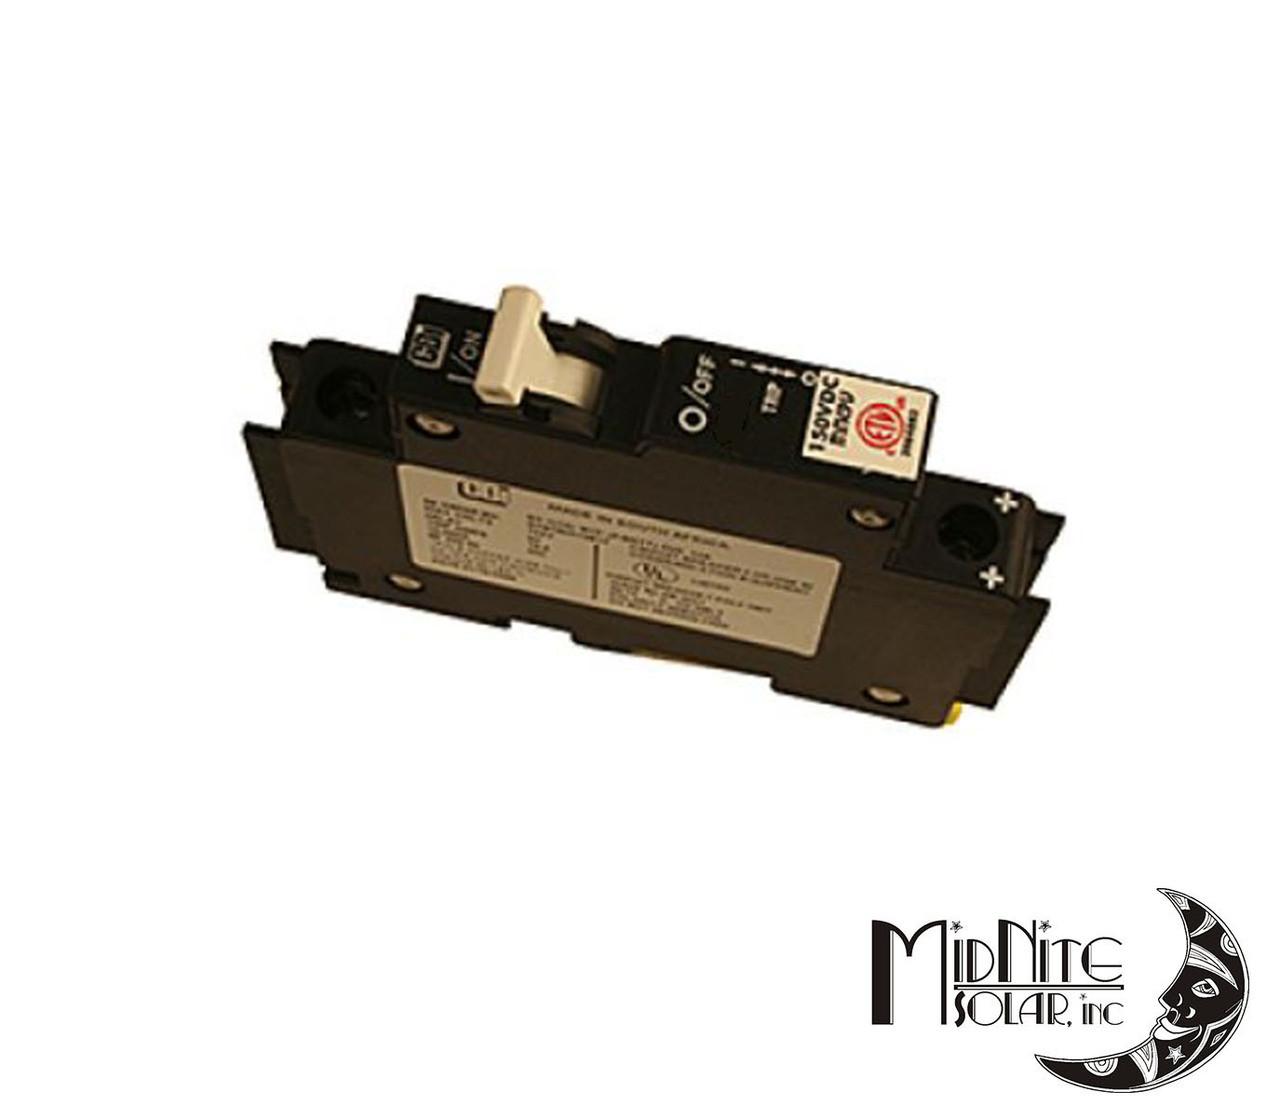 MIDNITE SOLAR MNEPV9 CIRCUIT BREAKER